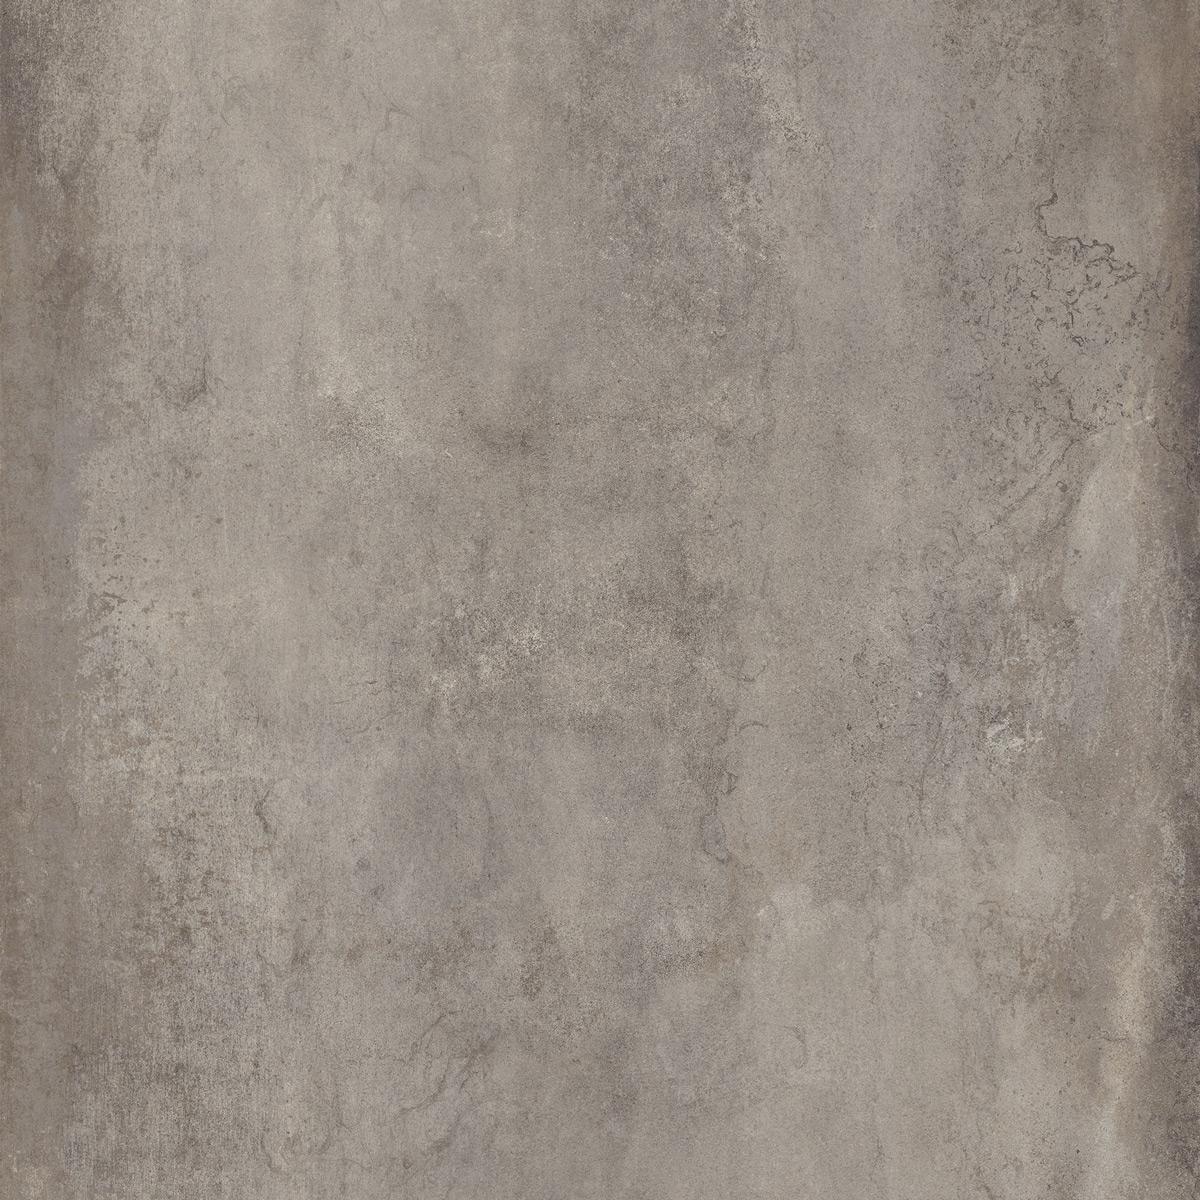 Castelvetro Materika Terrassenplatte Cenere 100x100 MATT